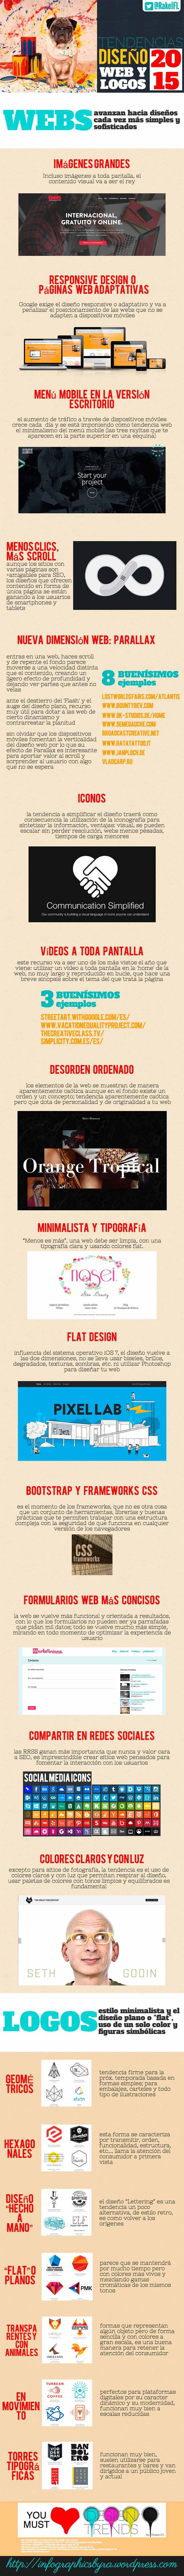 Infografia sobre las tendencias en diseño web y logos para 2015